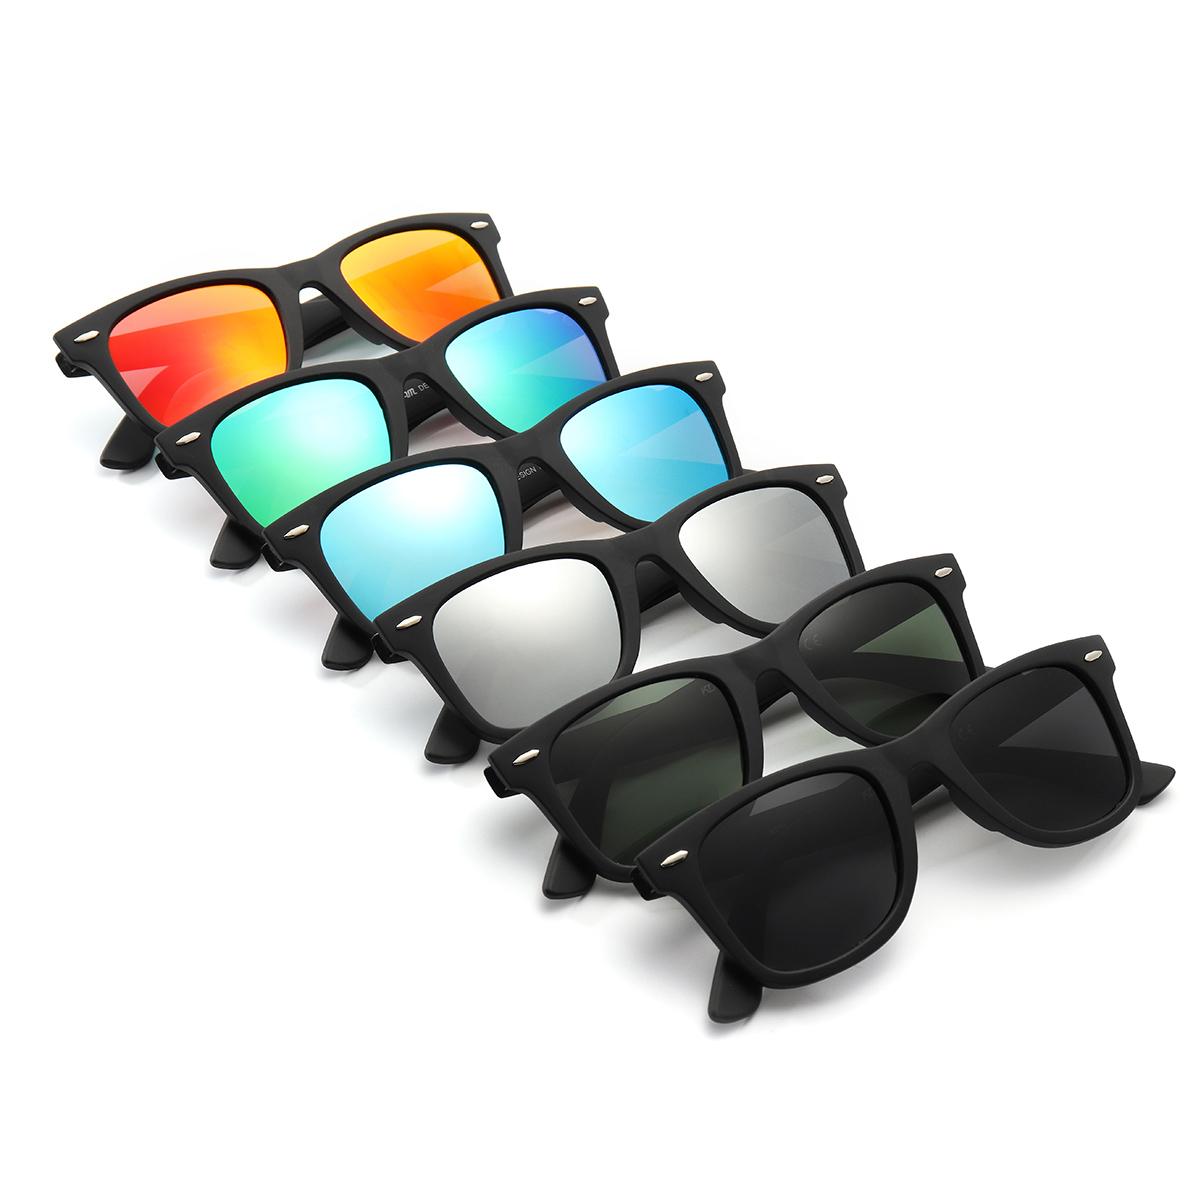 KDEAM KD2140F Polarized Sunglasses UV400 Retro Square Outdoor Sports Cycling Driving Sun Glasses